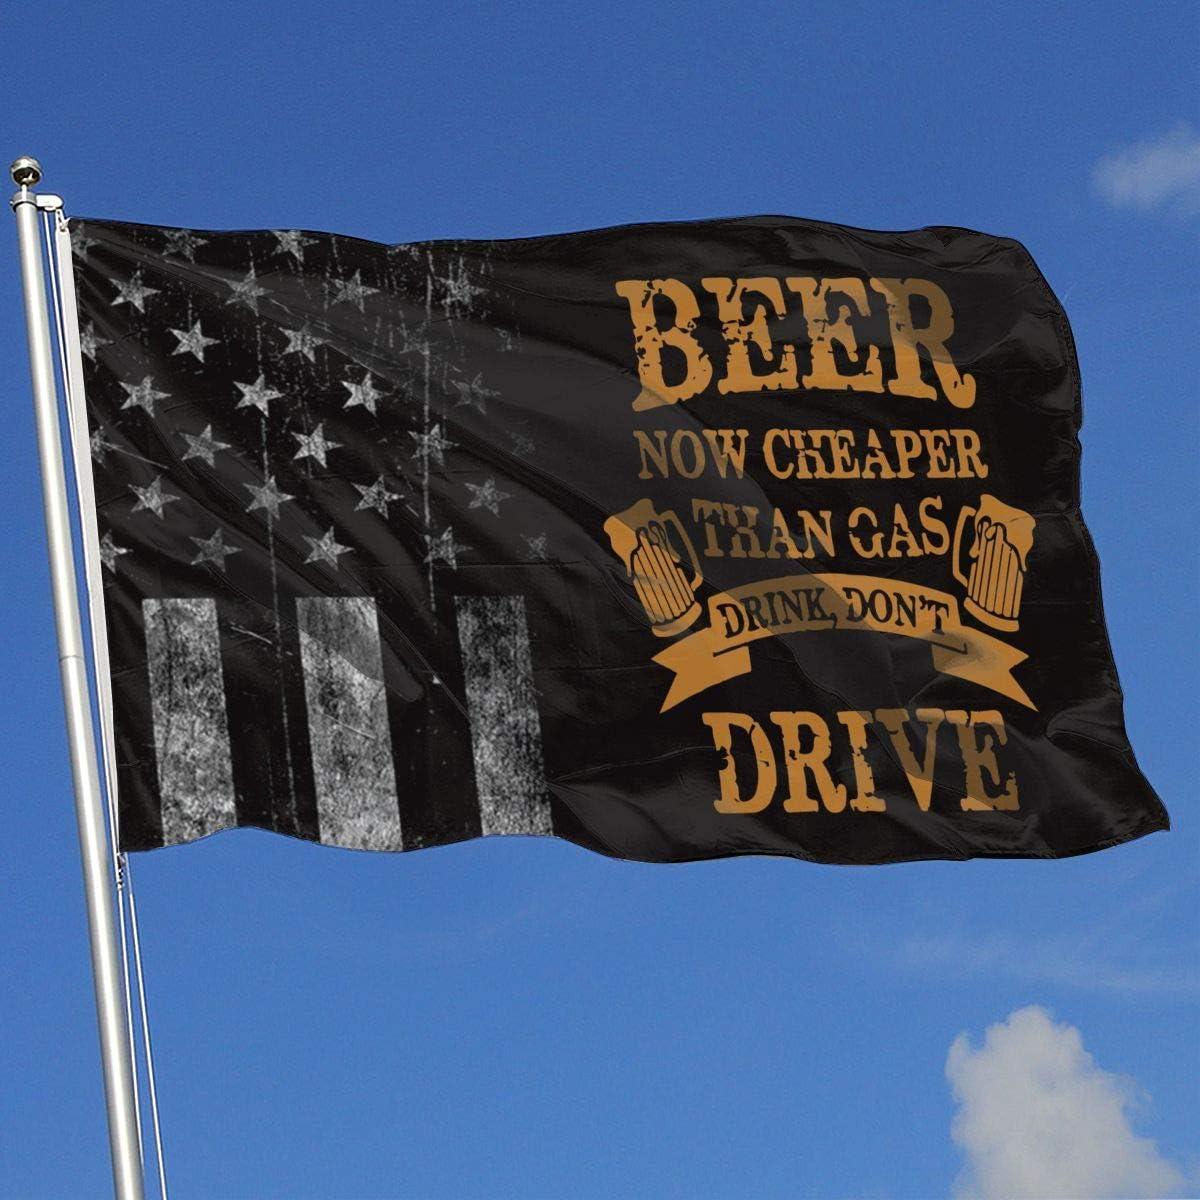 AOTADer Banderas al Aire Libre Bandera de EE. UU. Desgastada No conduzca Mientras Bebe Bandera para fanático de los Deportes Fútbol Baloncesto Béisbol Hockey